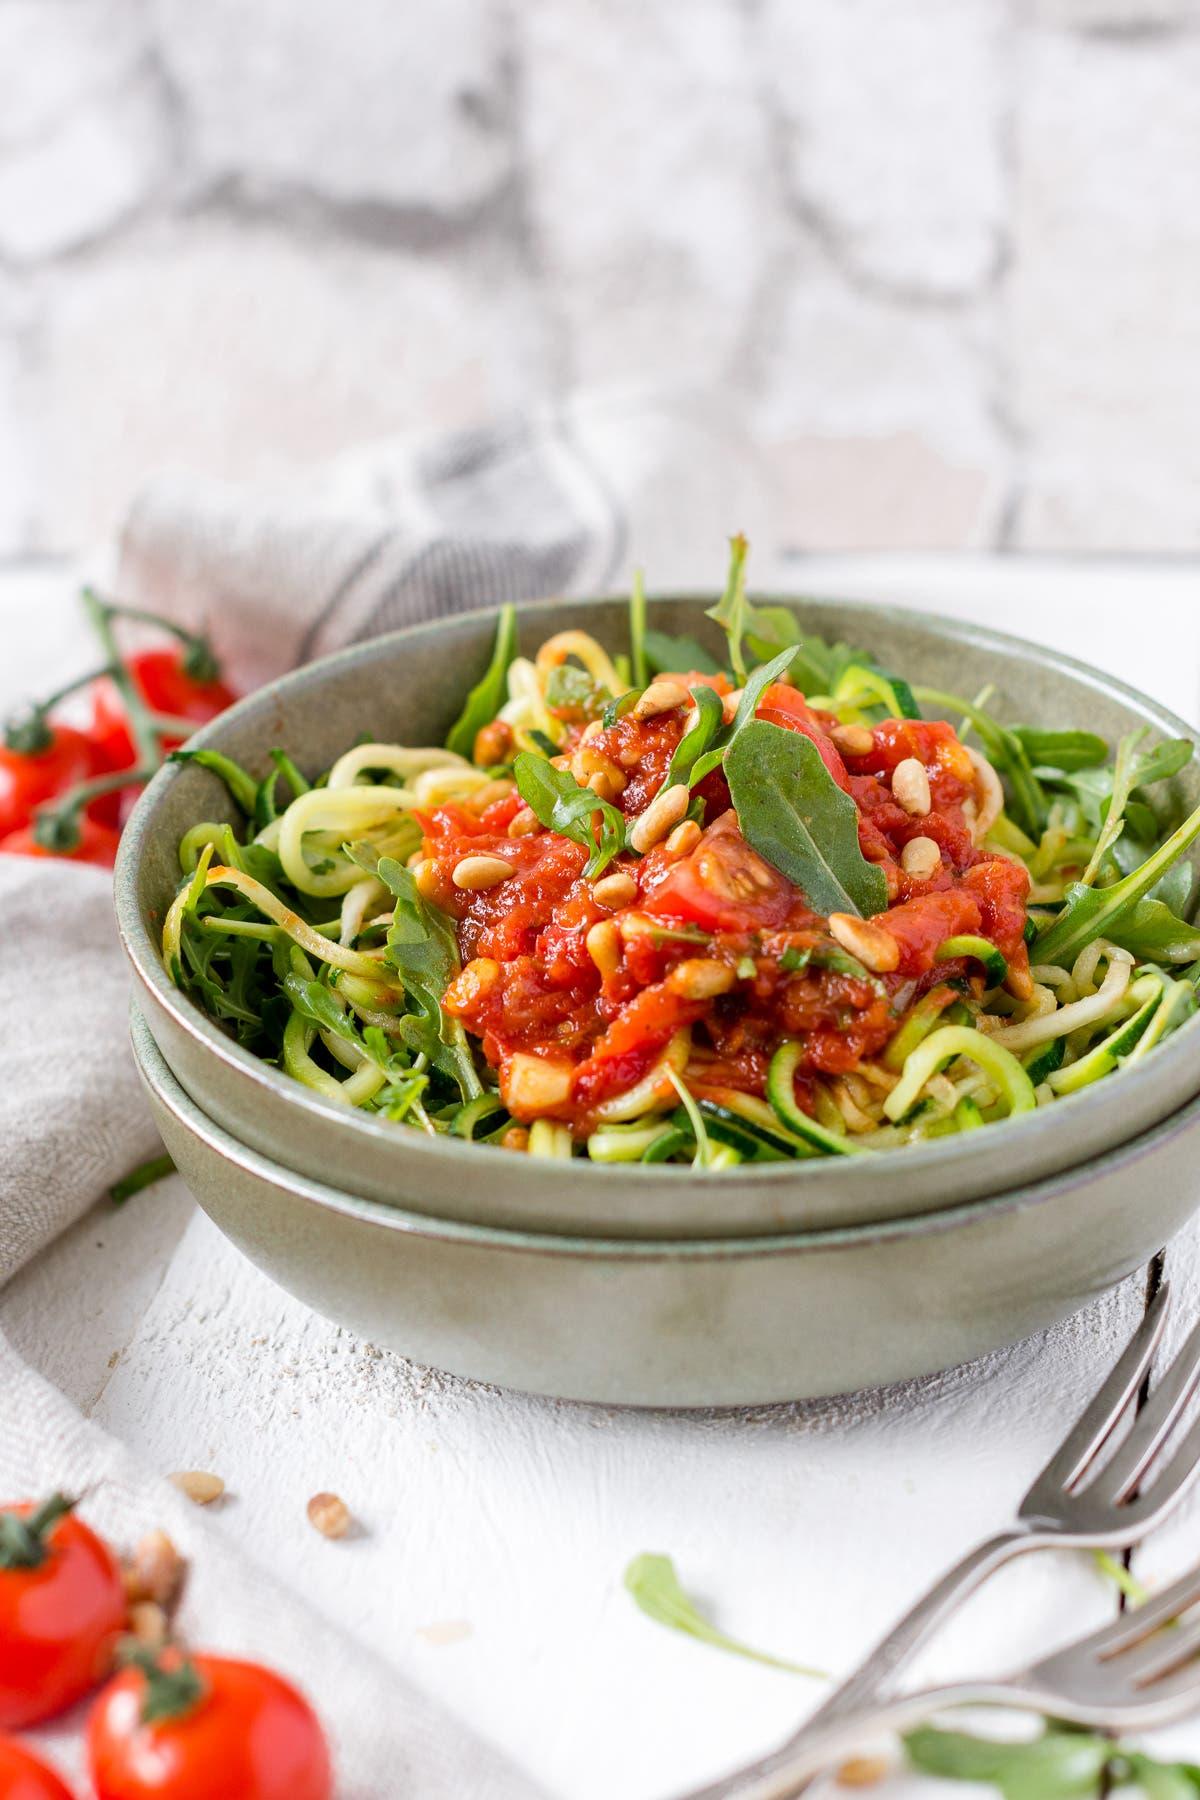 Schüssel gefüllt mit Zucchini Pasta: Nudeln, Rucola und Tomatensauce auf weißem Untergrund.